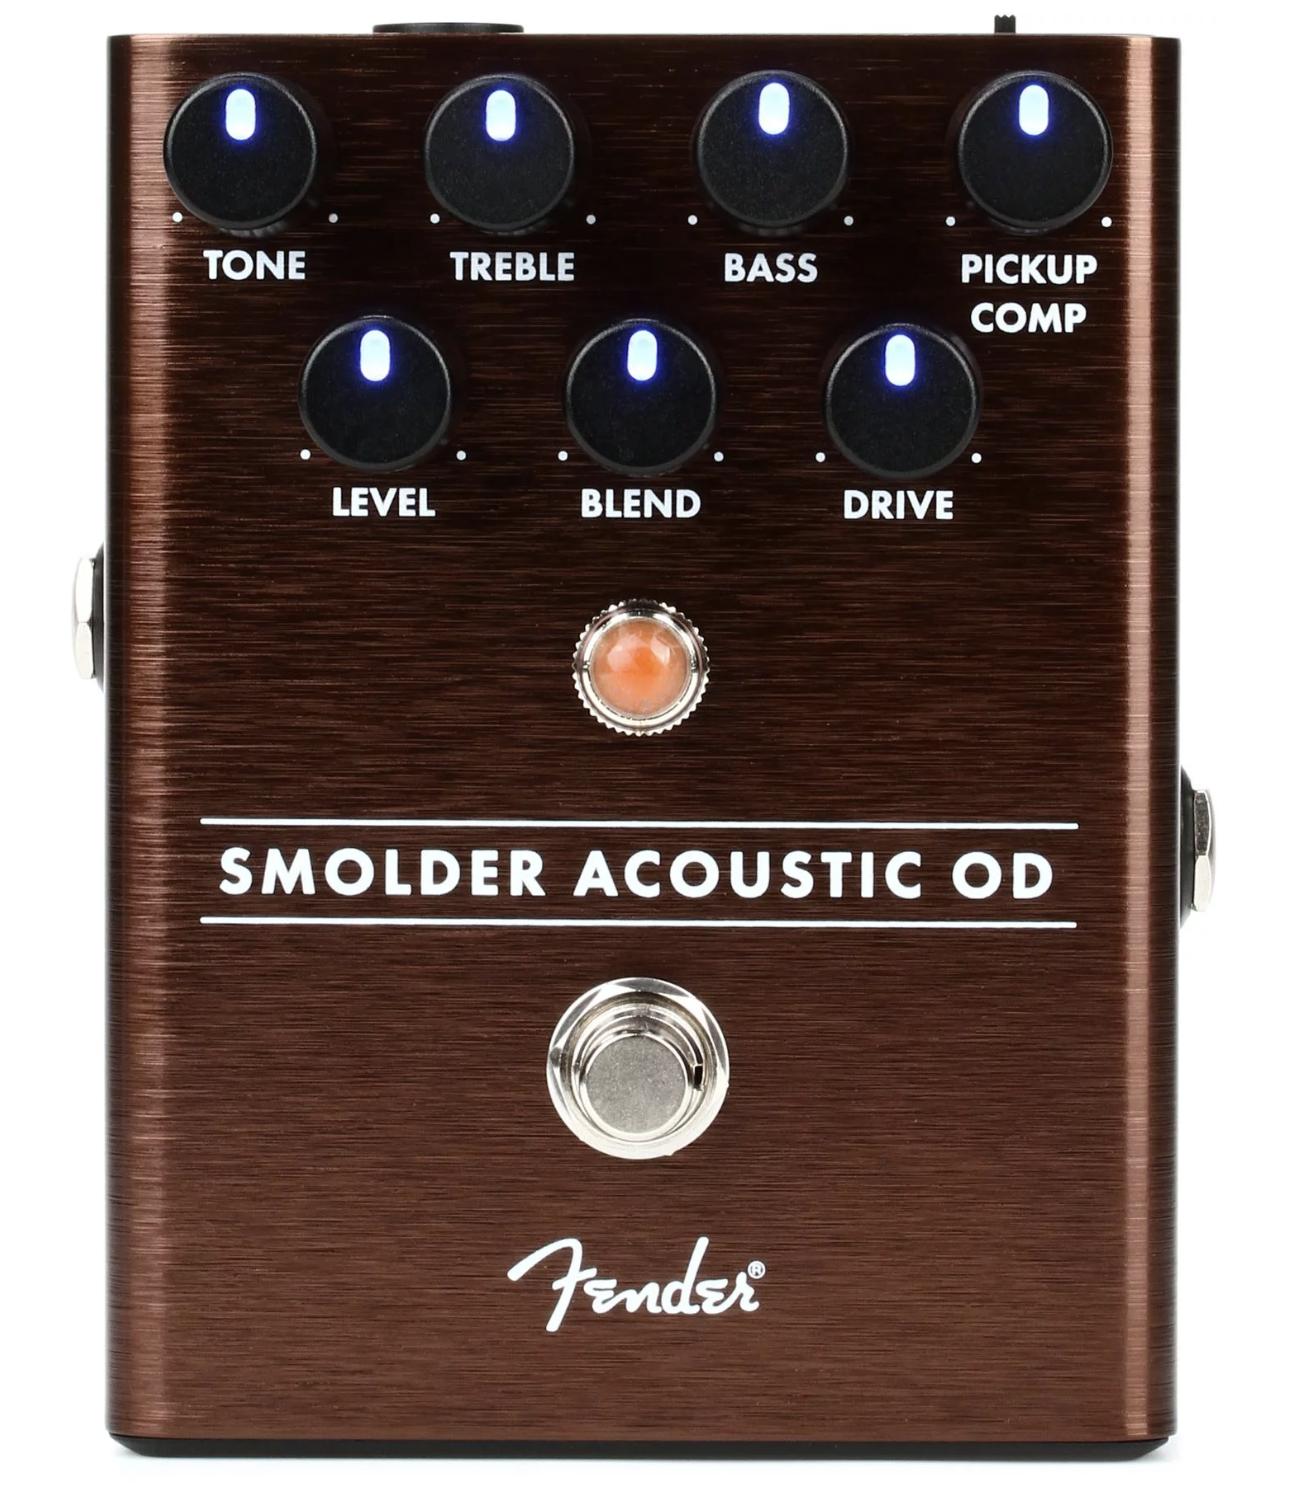 Fender Smolder Acoustic OD